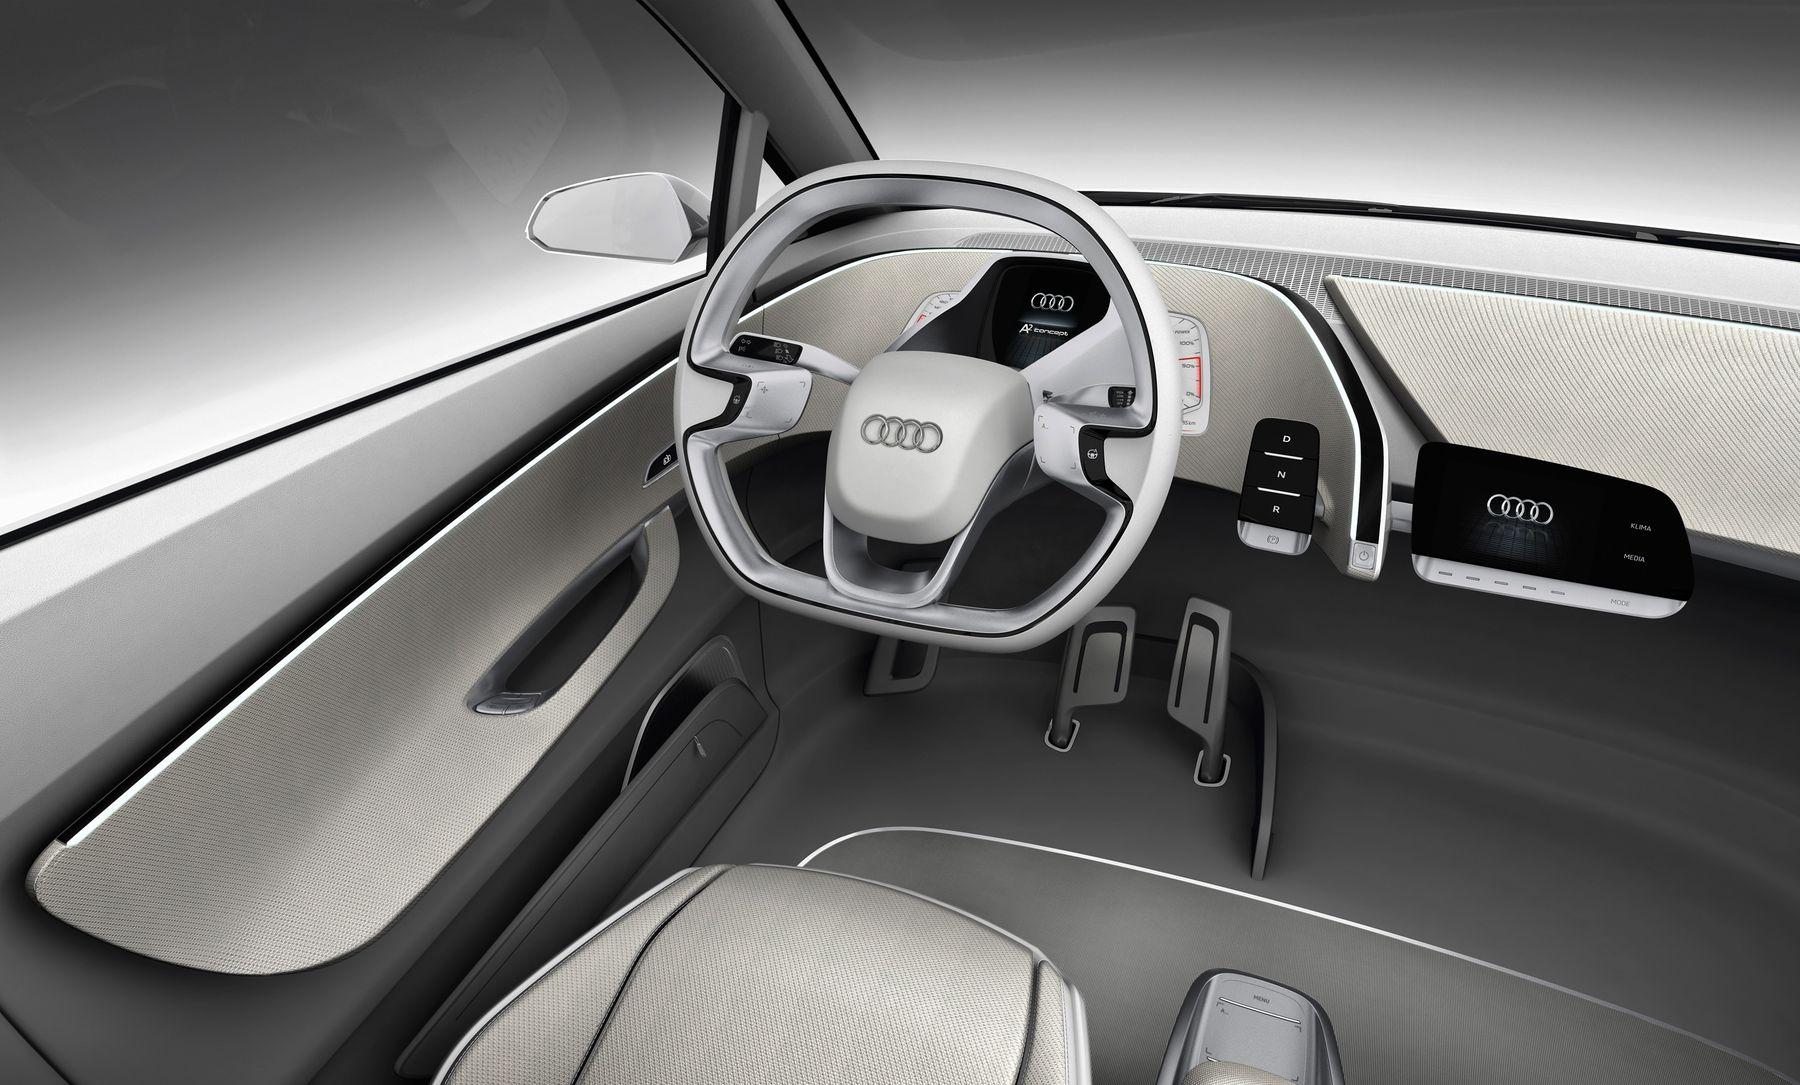 Audi A2 Concept Backgrounds, Compatible - PC, Mobile, Gadgets| 1800x1085 px